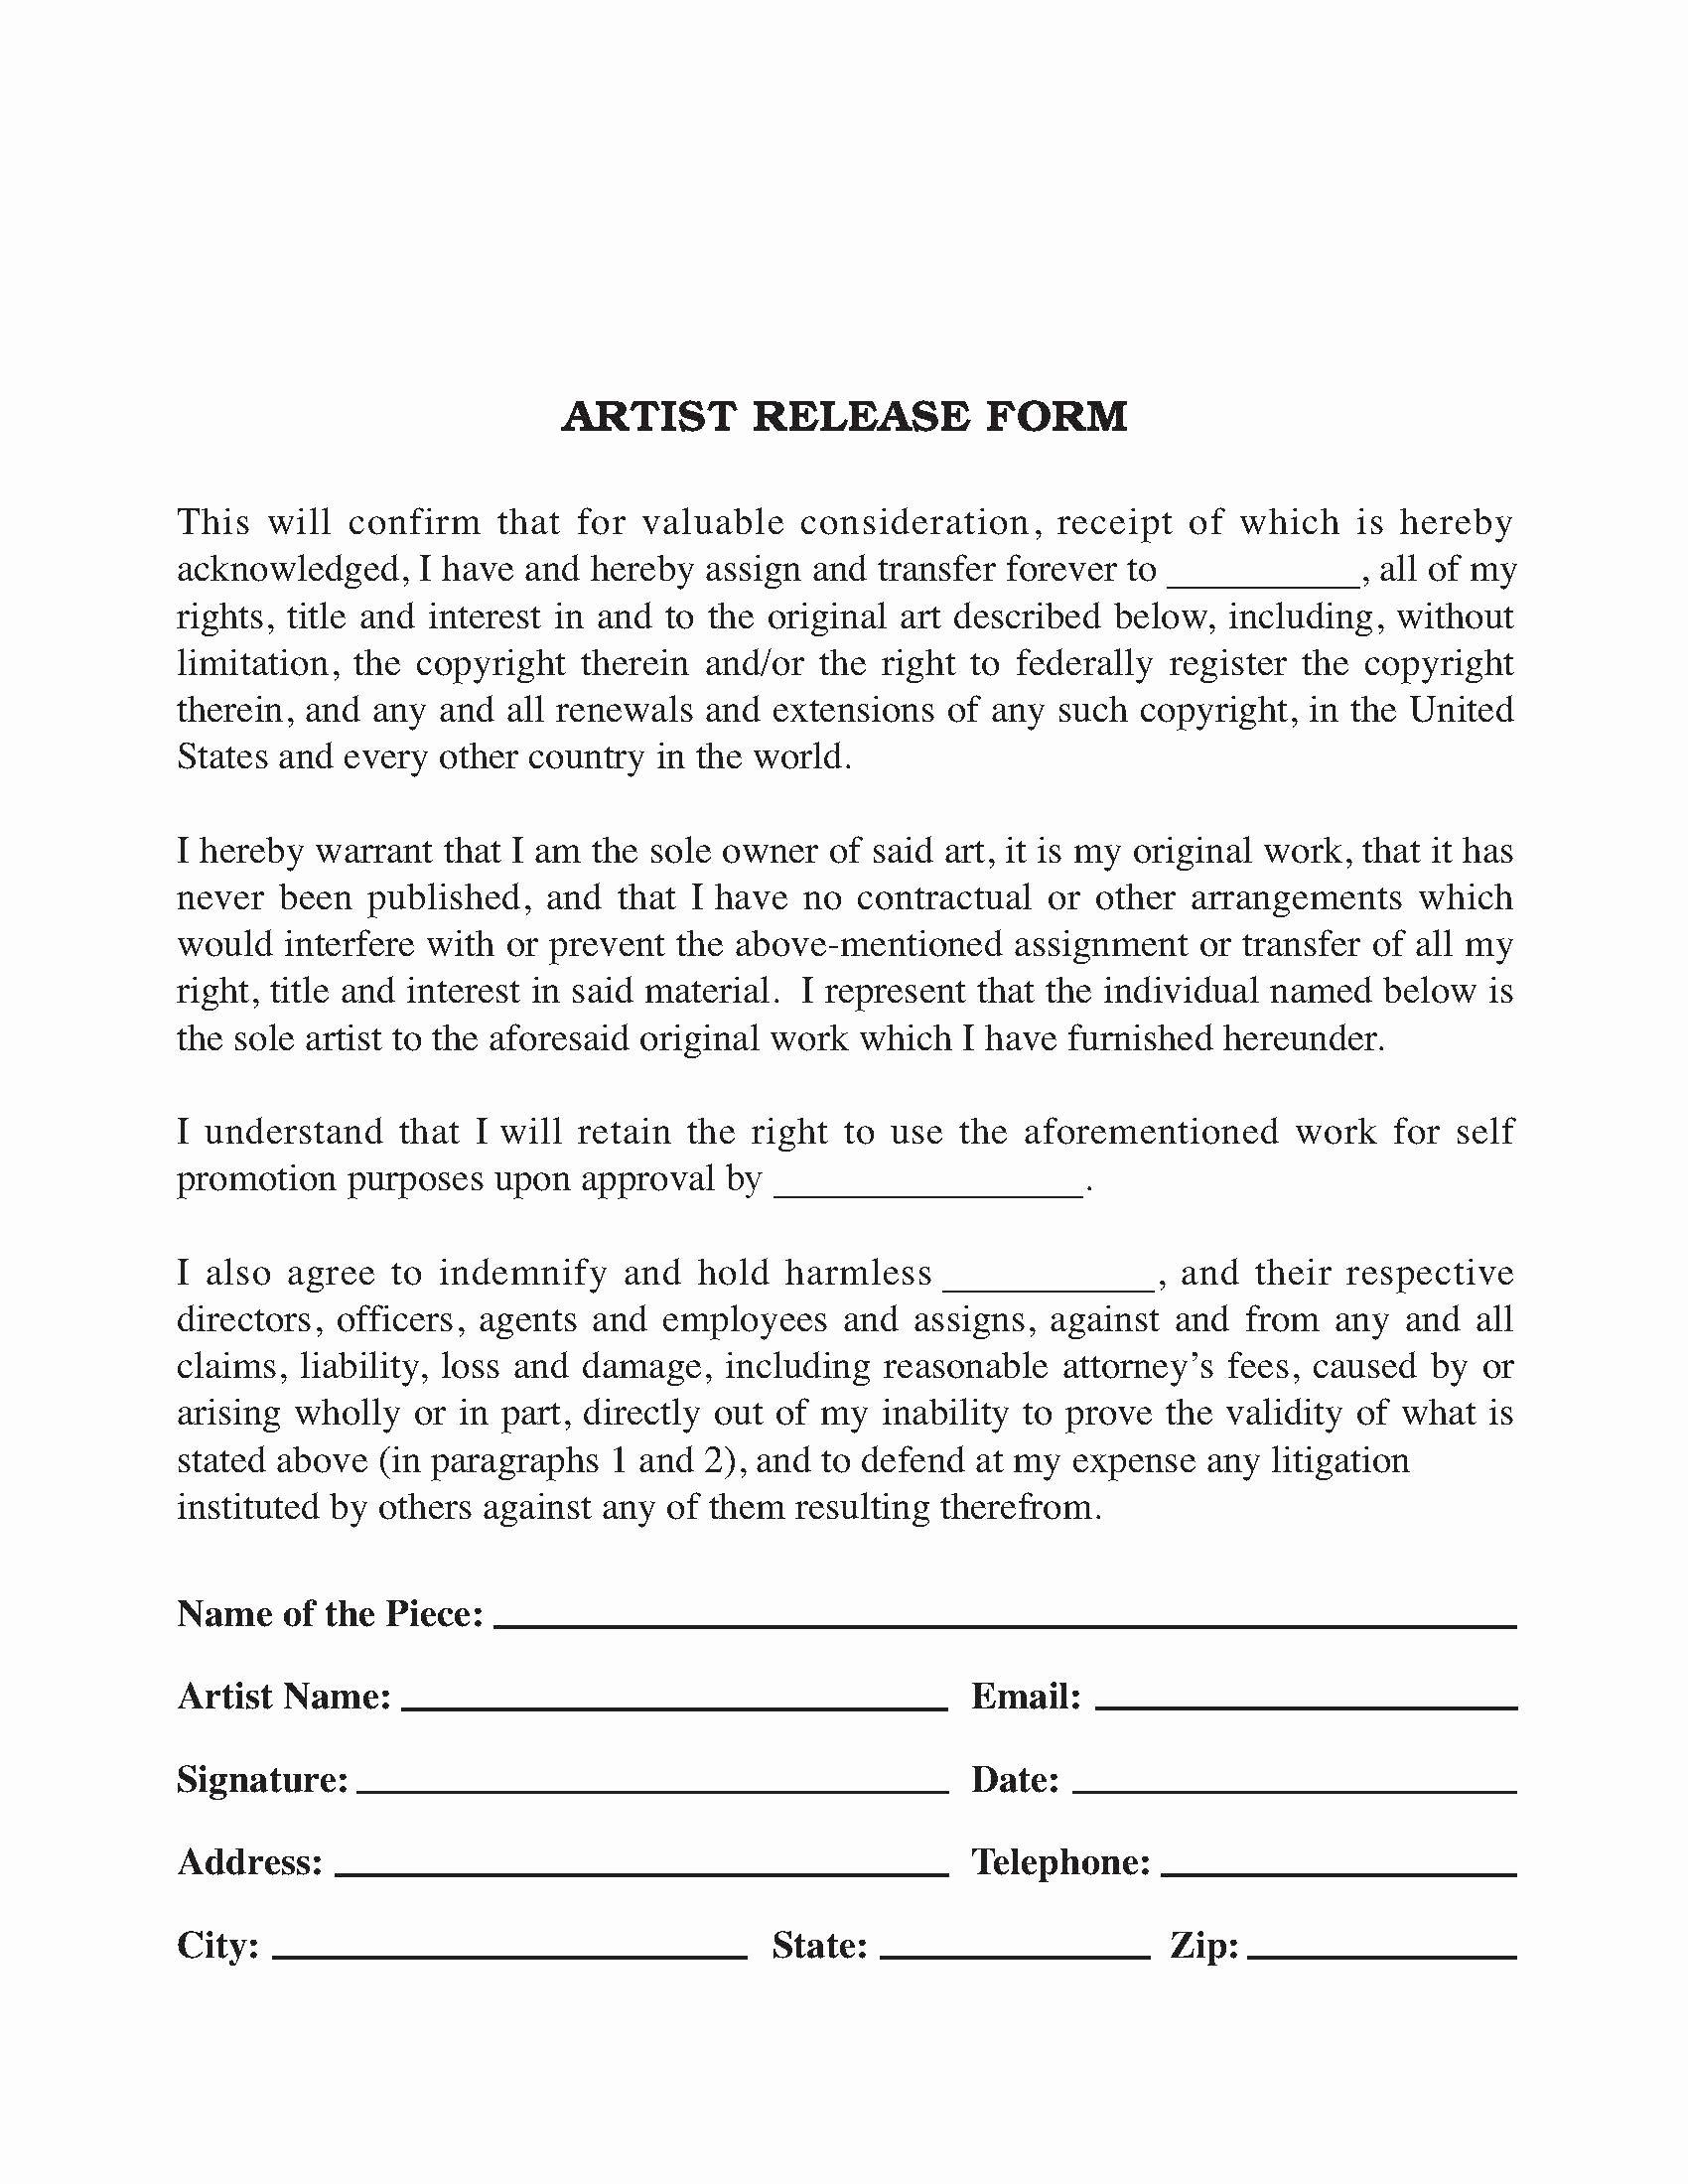 Artwork Release form Template Elegant Artist Artwork Release form Release forms Release forms